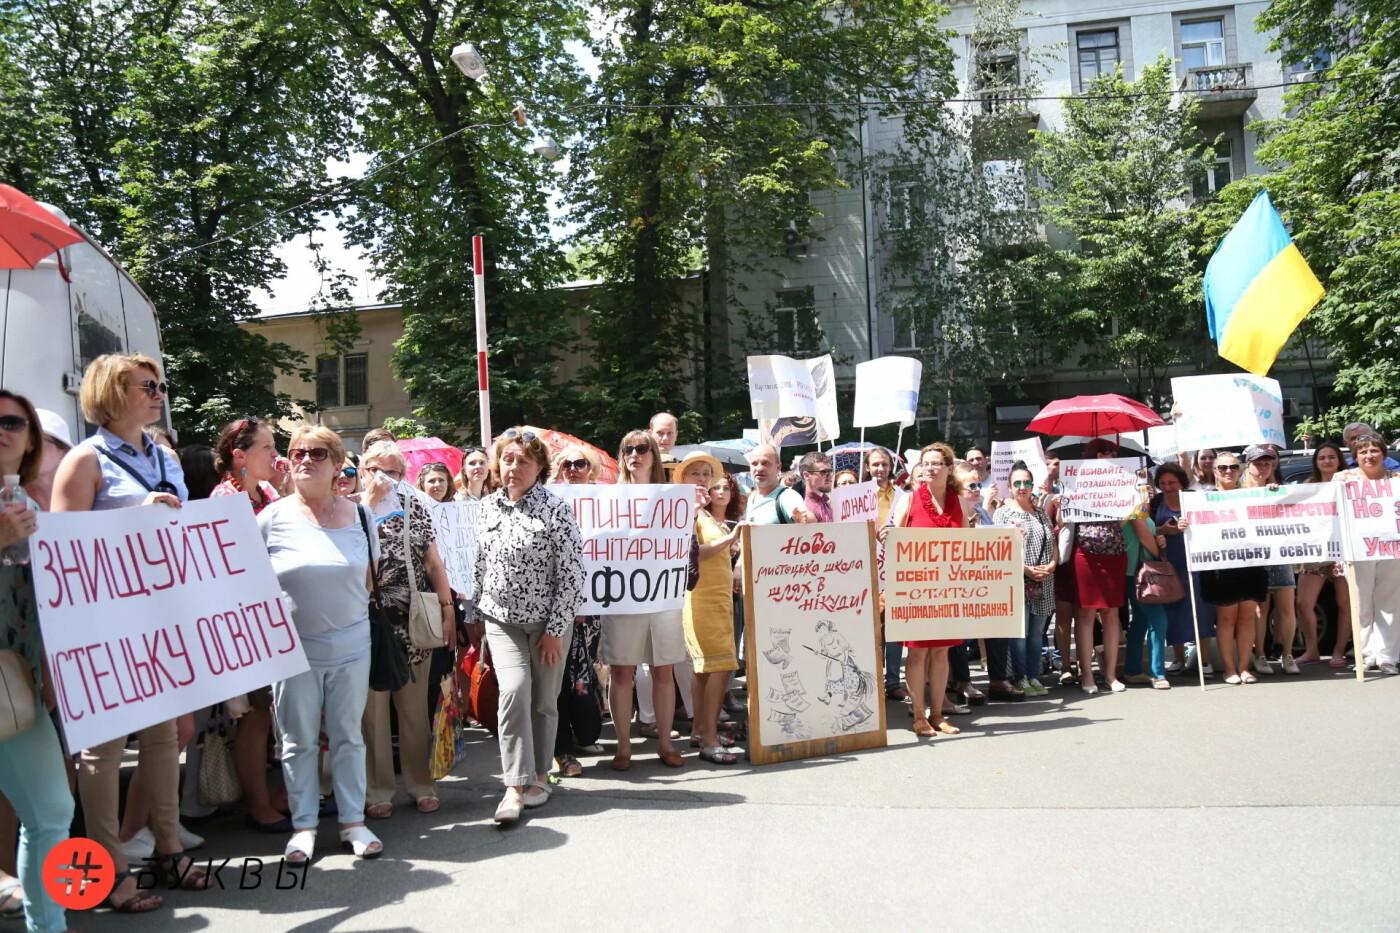 Реформа художественного образования: под Минкультуры протестовали педагоги, фото-1